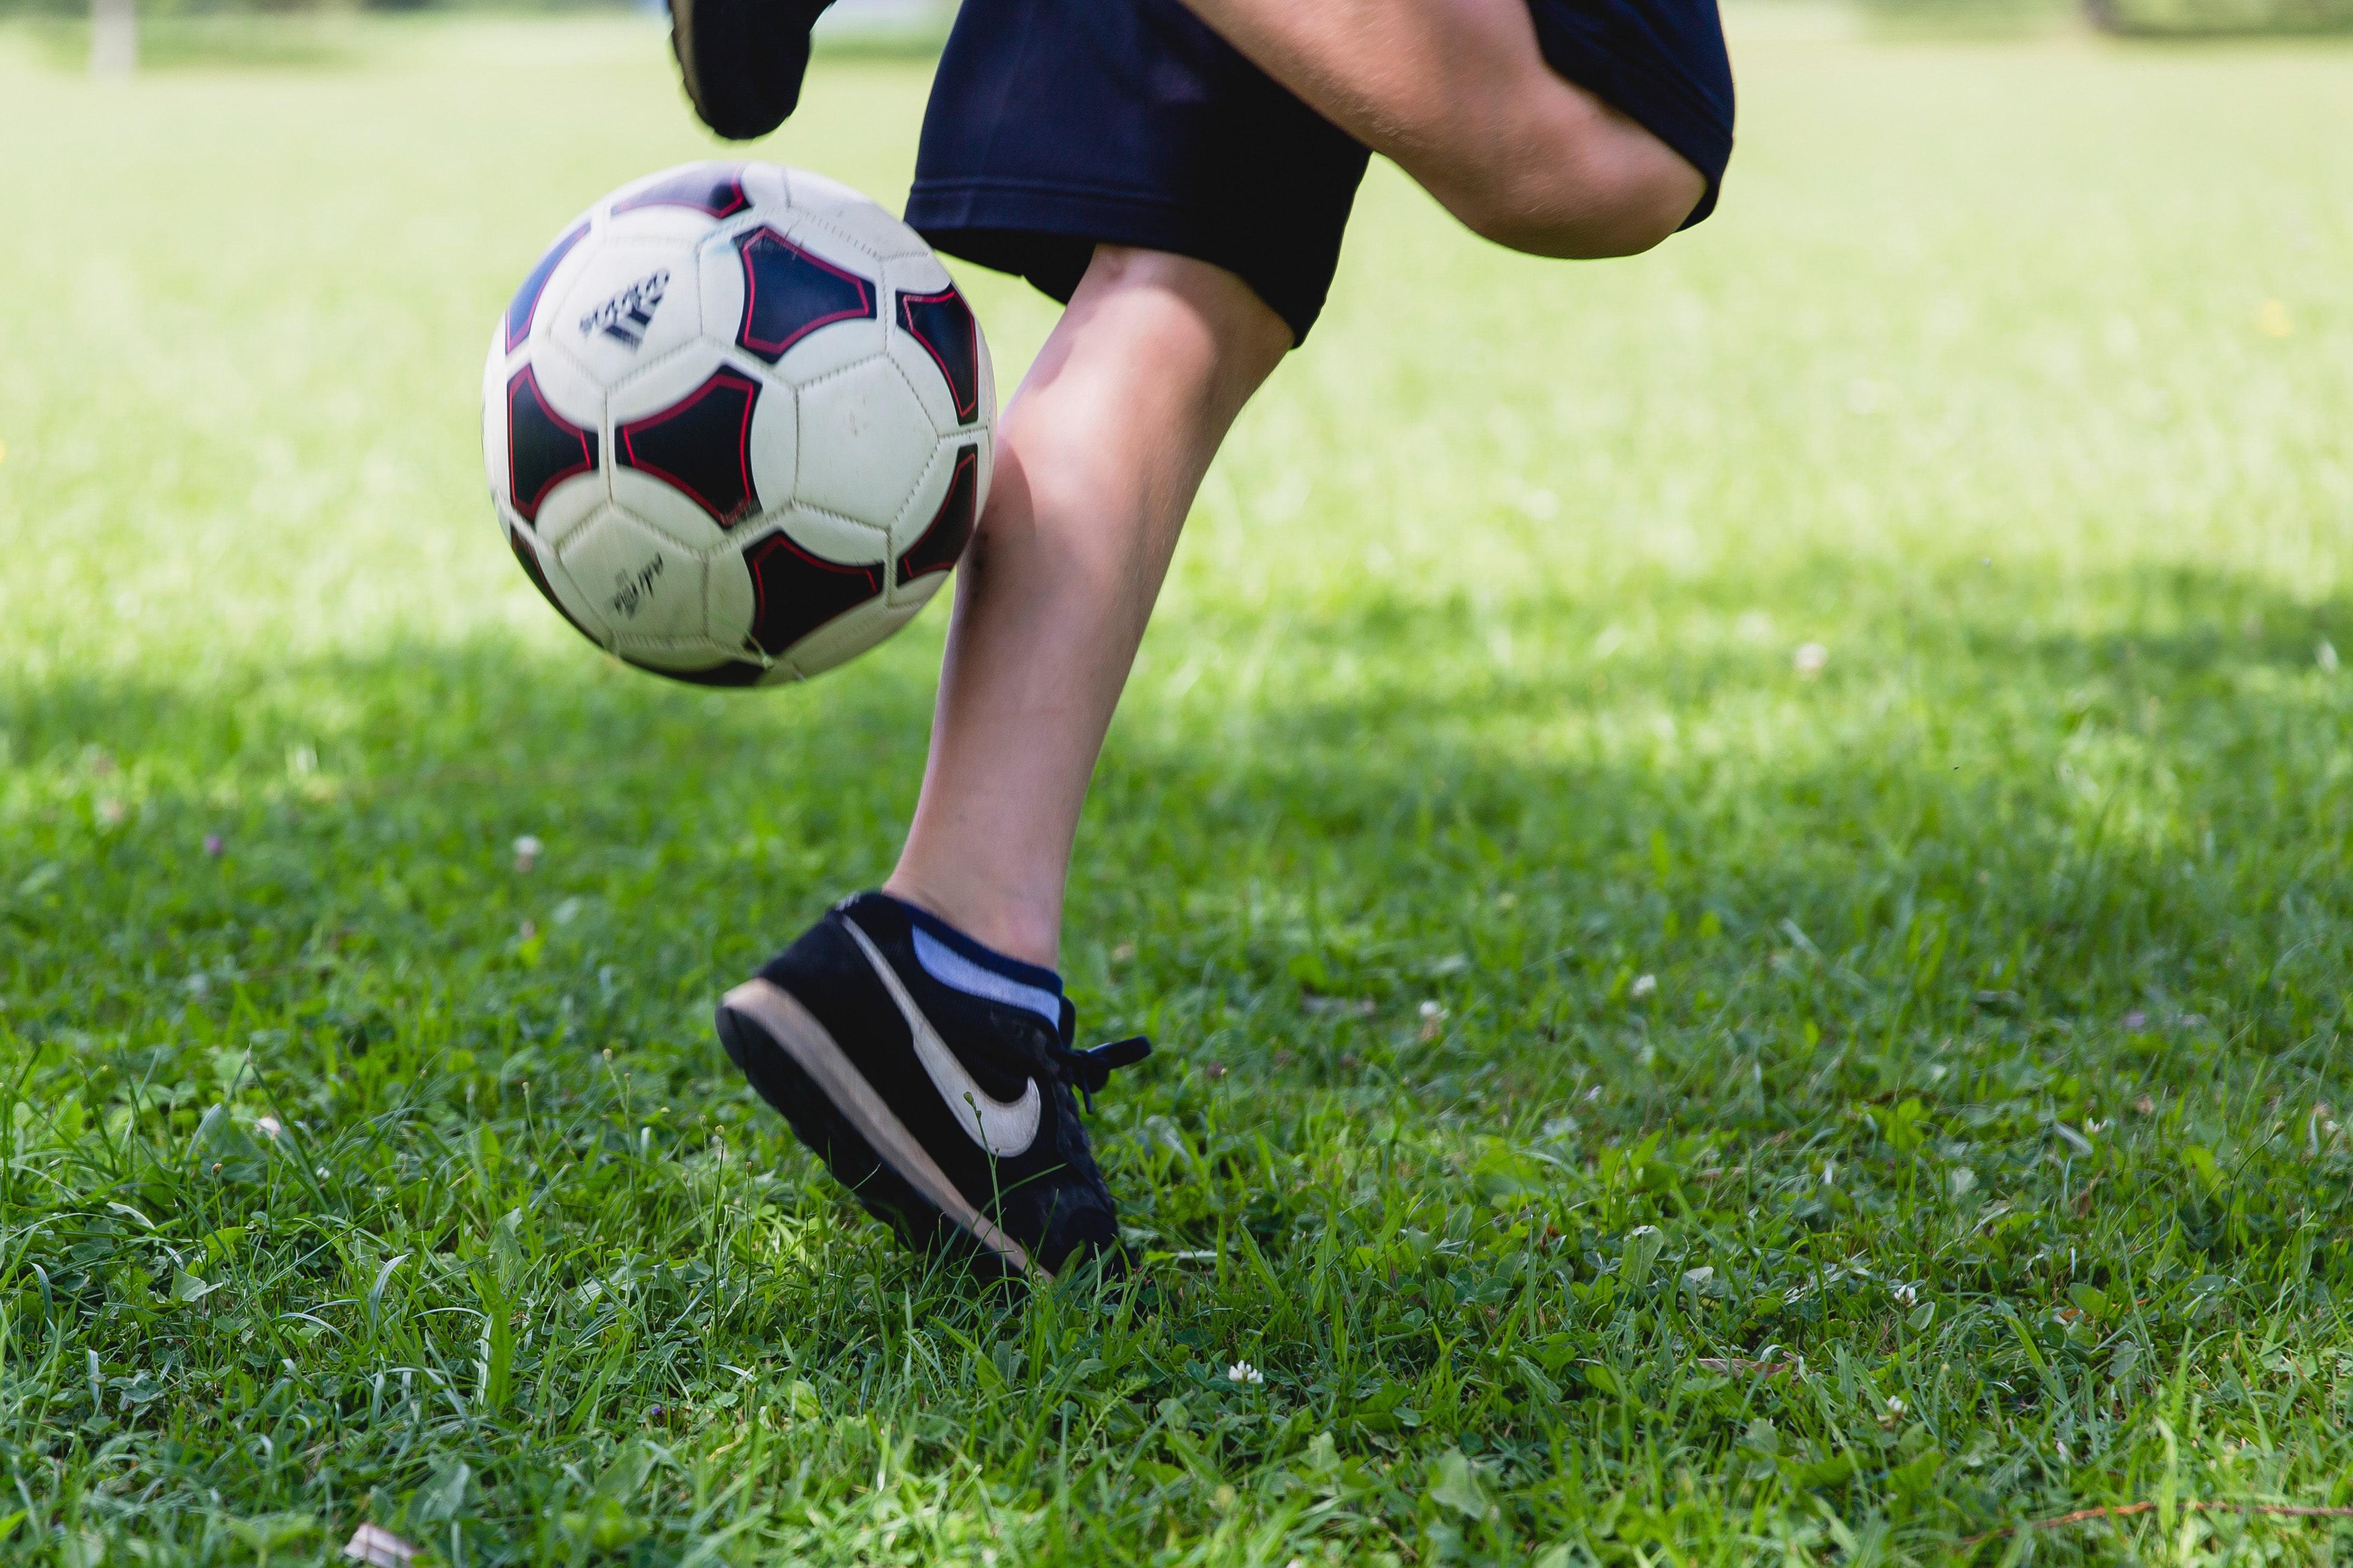 Beine eines Fußballers